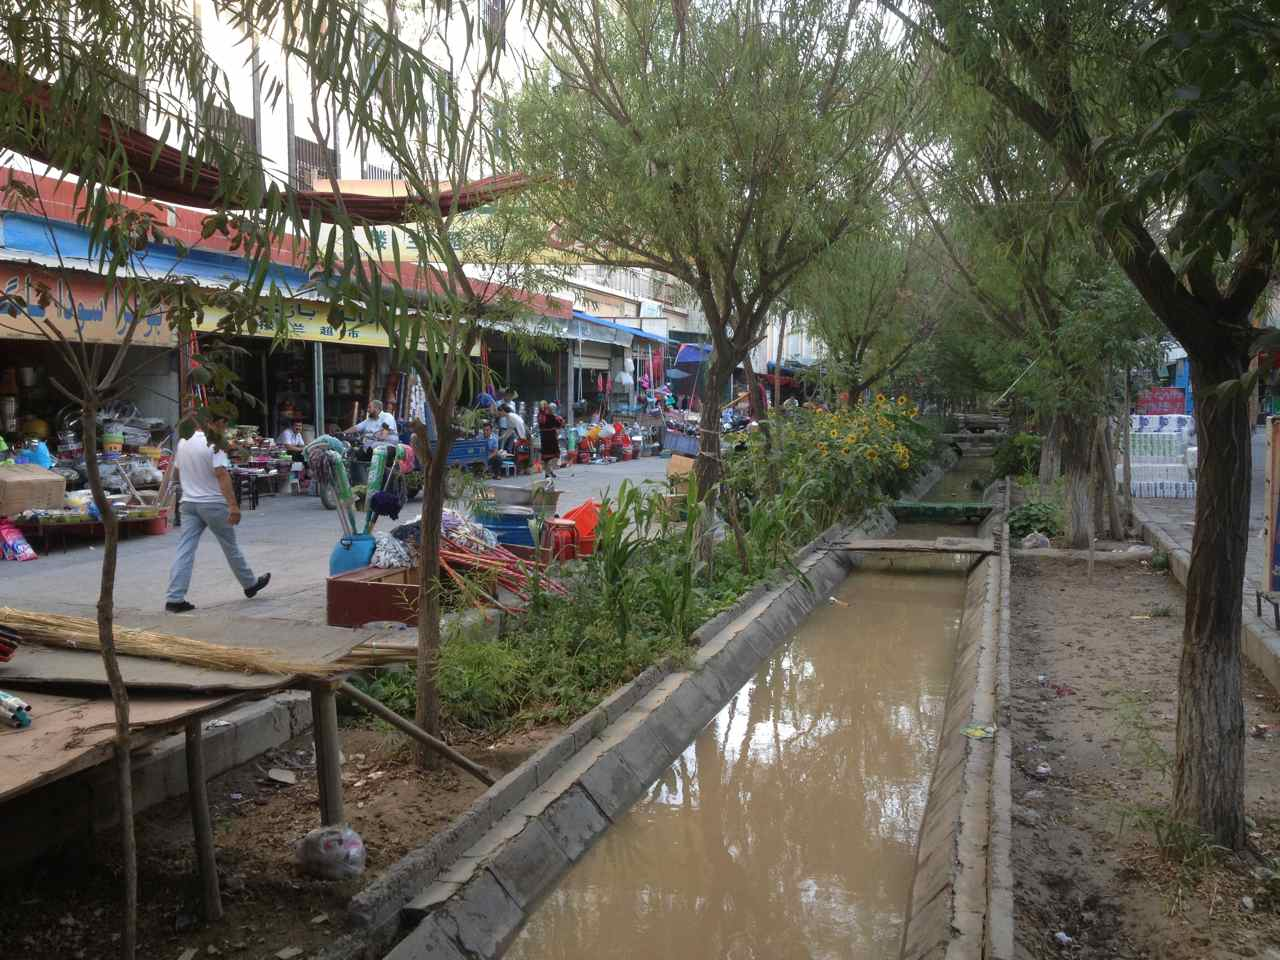 ส่วนหนึ่งของตลาดในเมืองอาร์ทุค ดูร่มรื่นดี